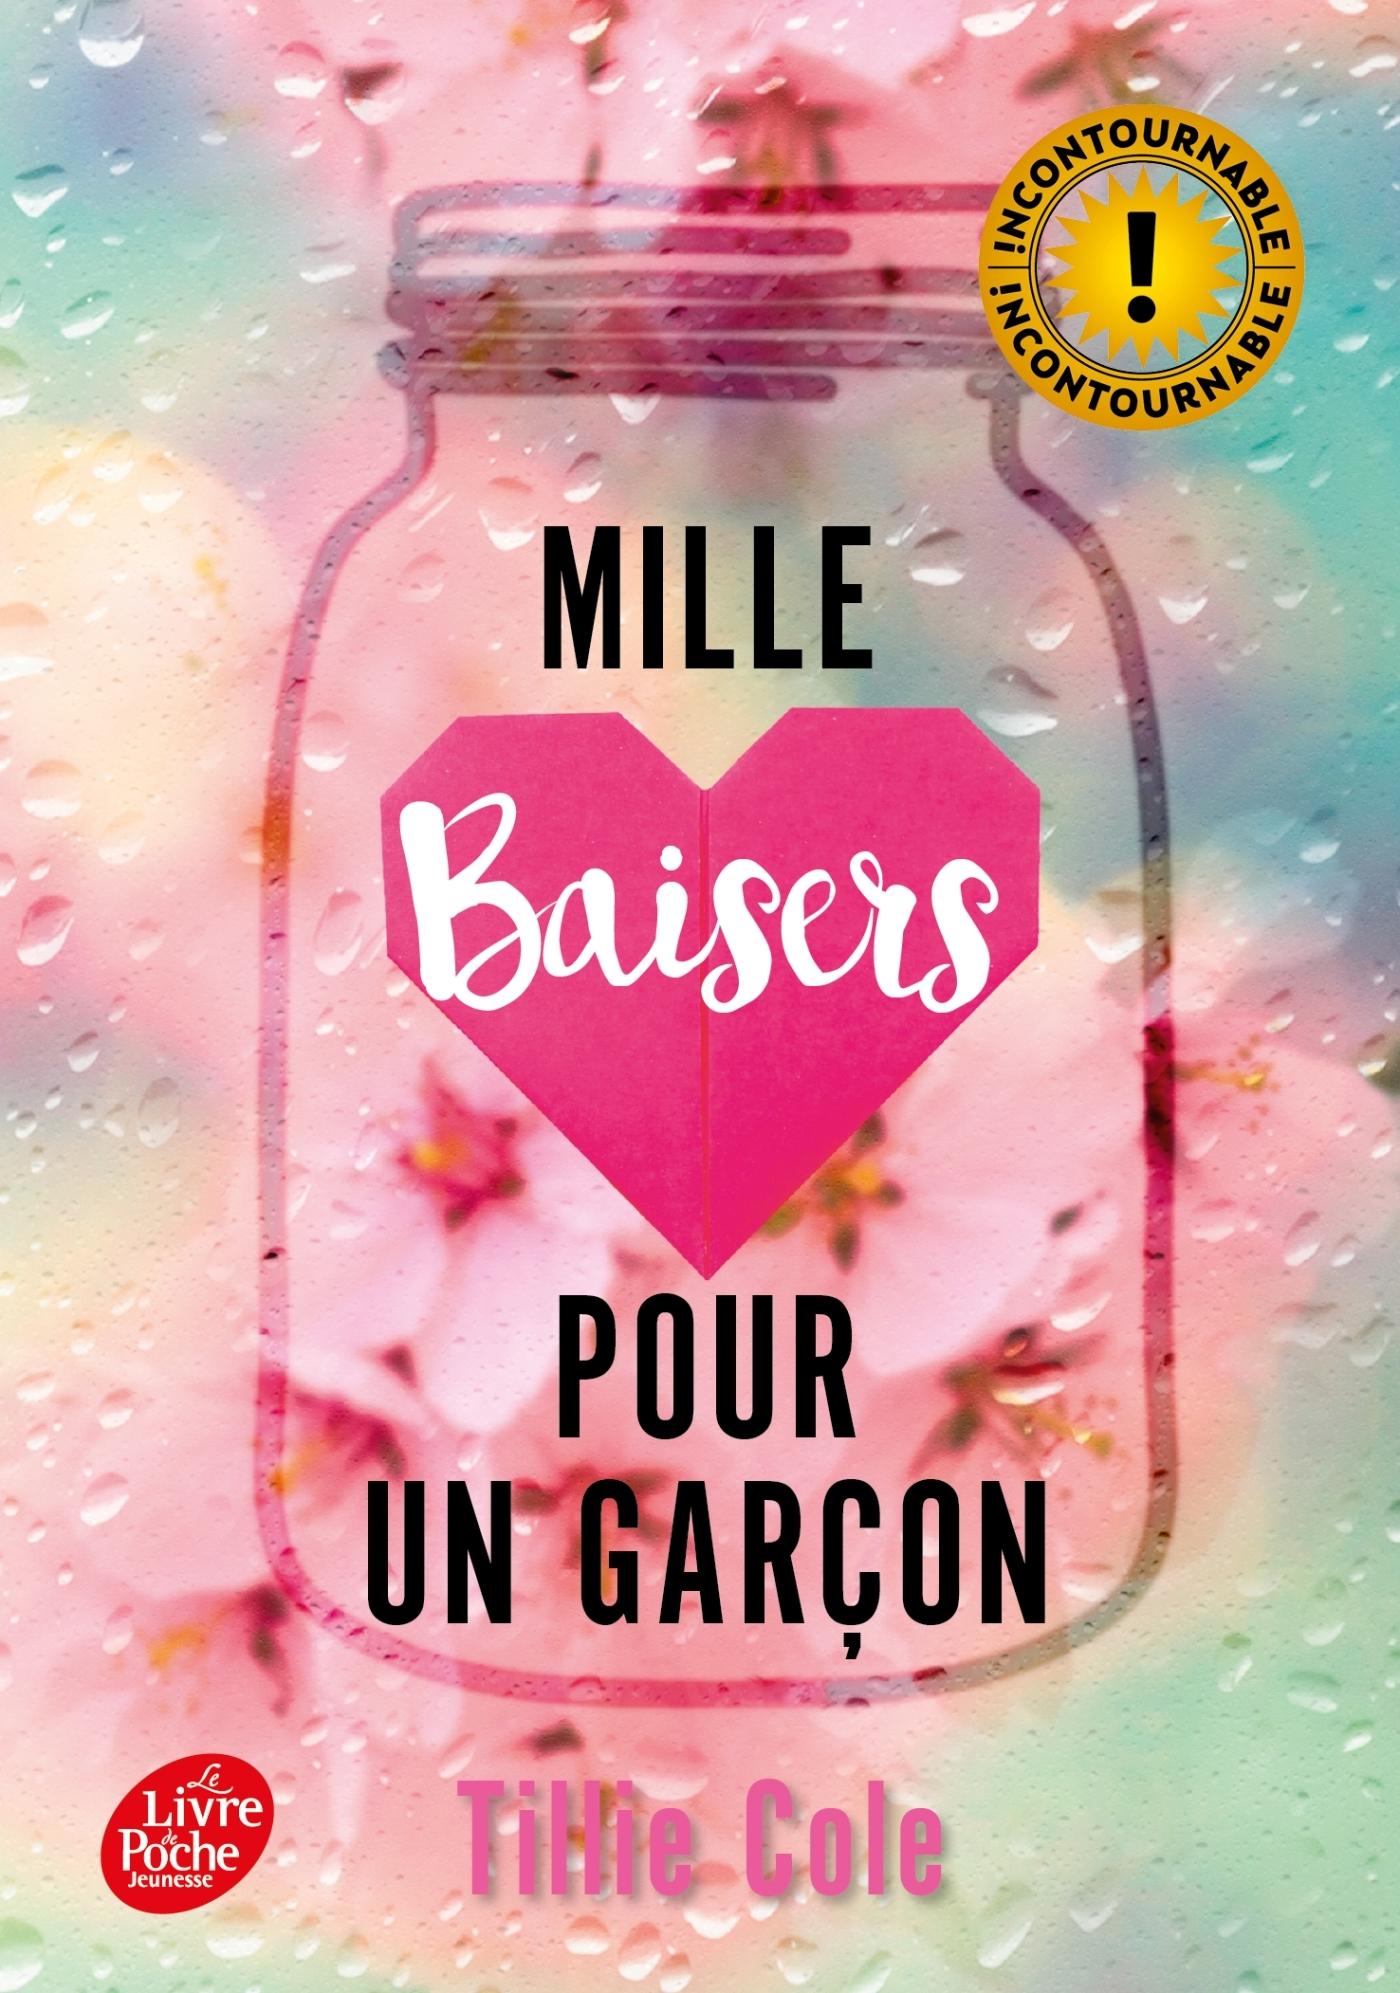 MILLE BAISERS POUR UN GARCON